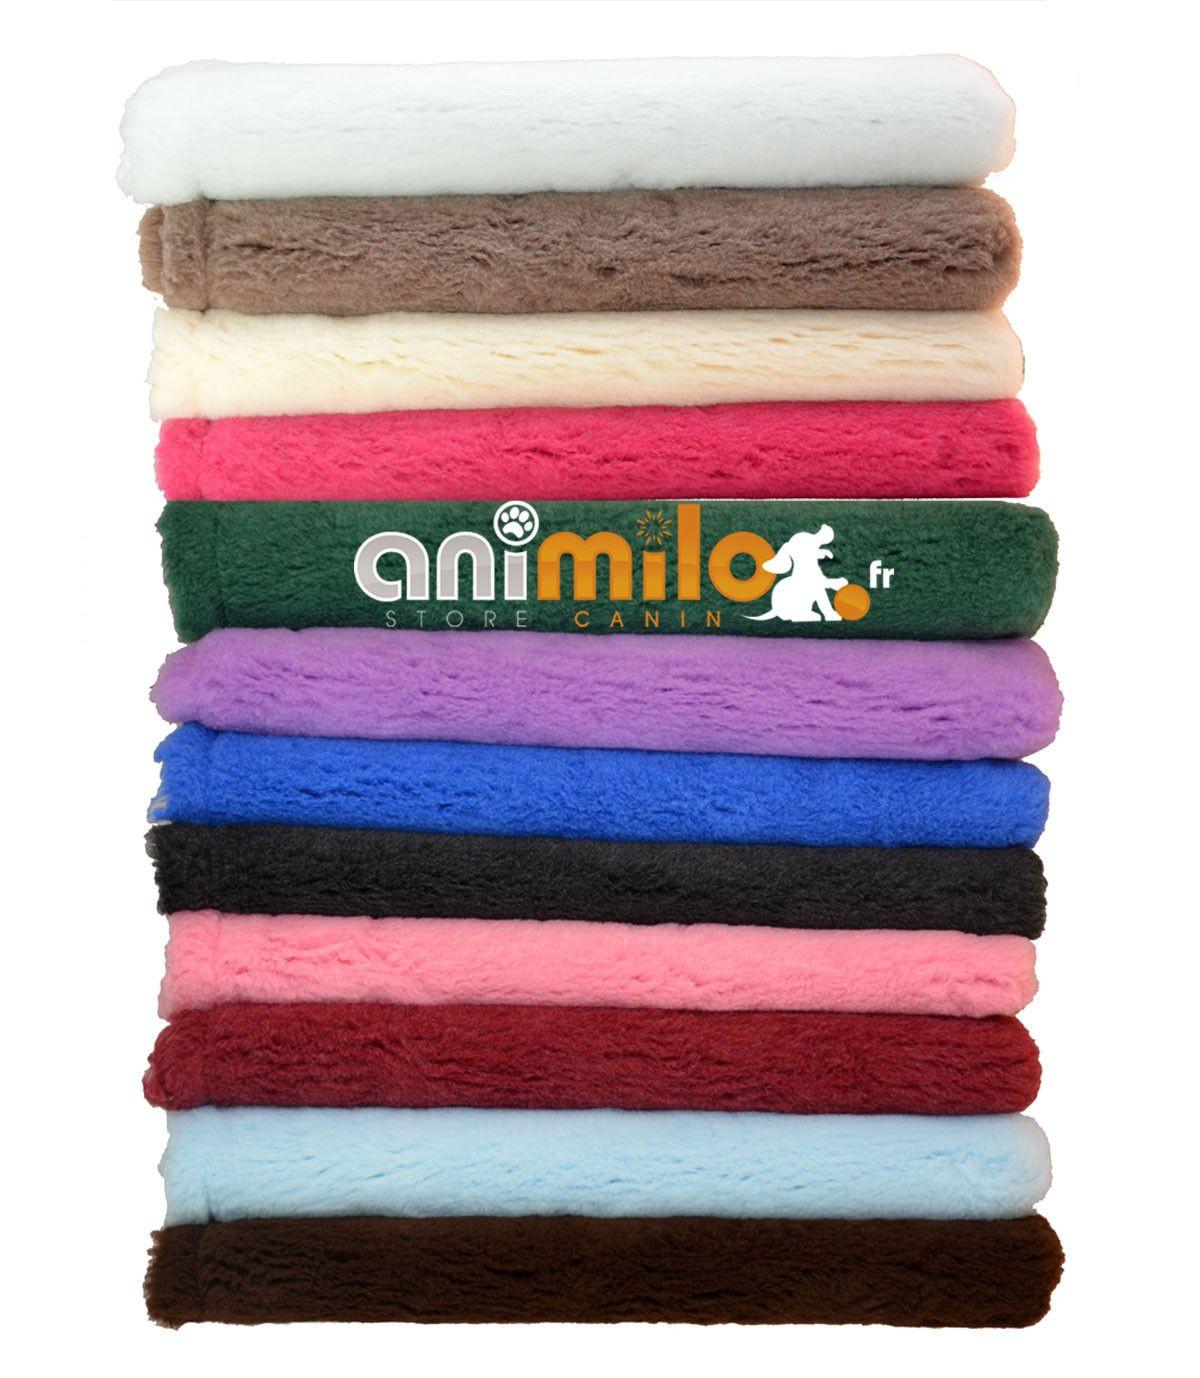 PROMO 8x tapis drainant Confortbed Eleveur couleur unie 26 mm